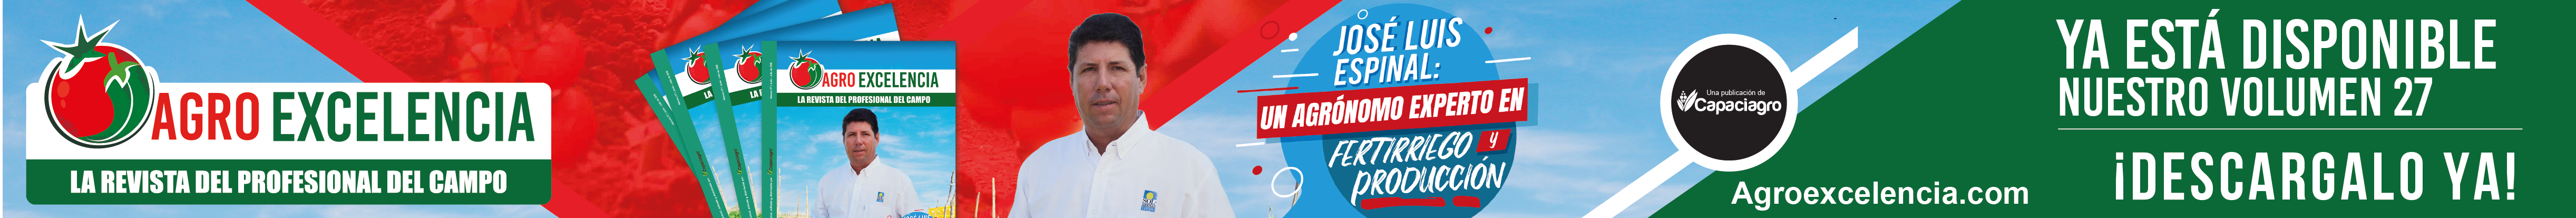 https://agroexcelencia.com/wp-content/uploads/2019/06/Slide-anuncio-27.png